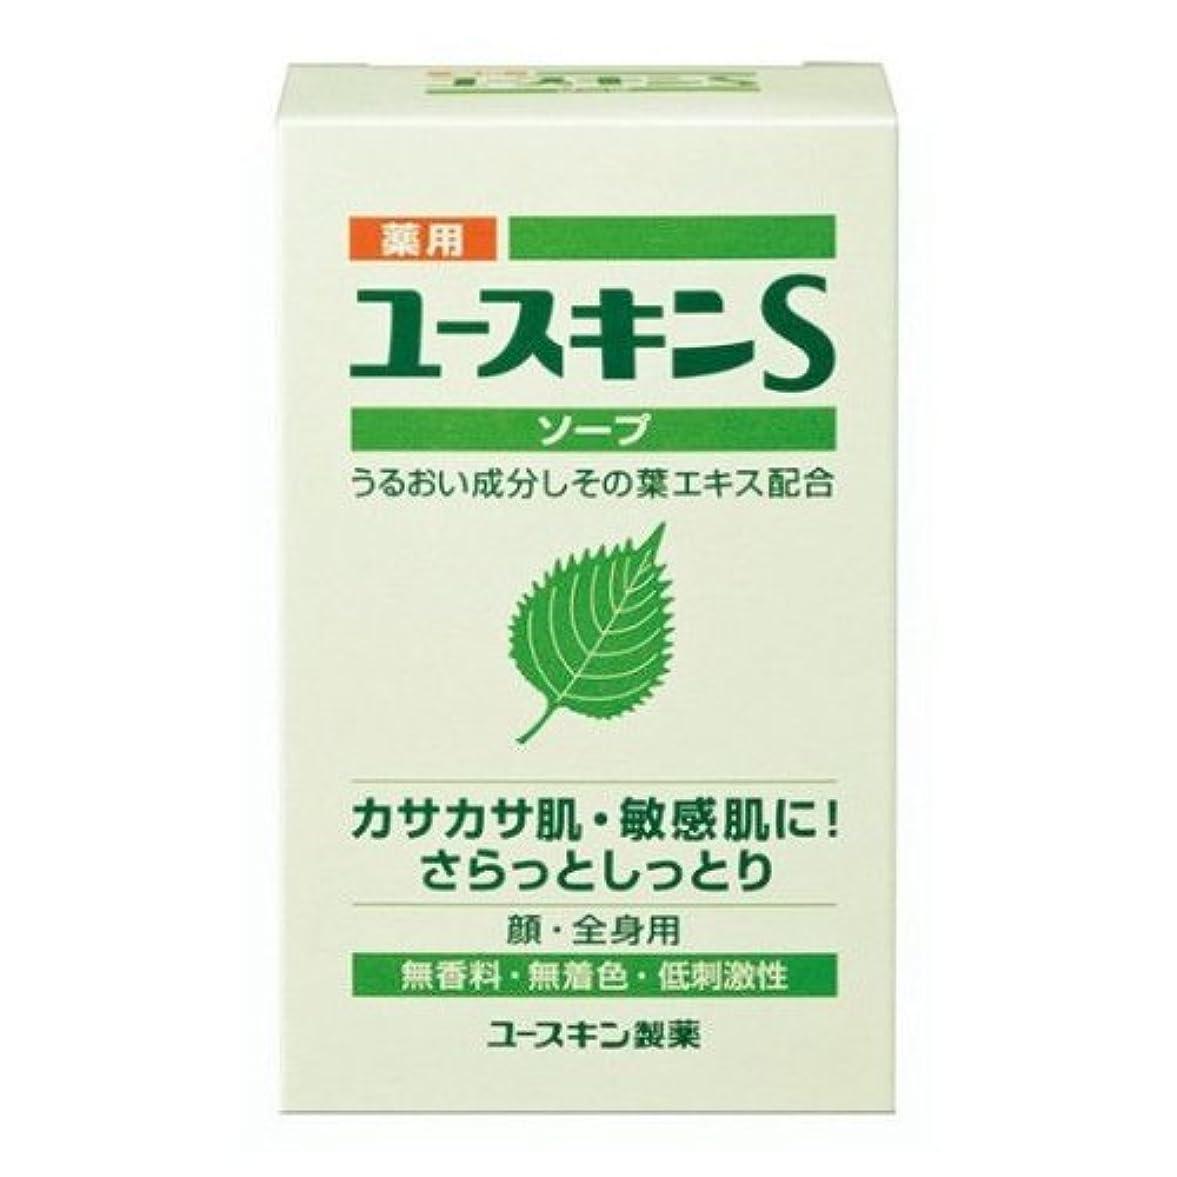 高度な寮制約ユースキン製薬 薬用ユースキンSソープ 90g(医薬部外品)